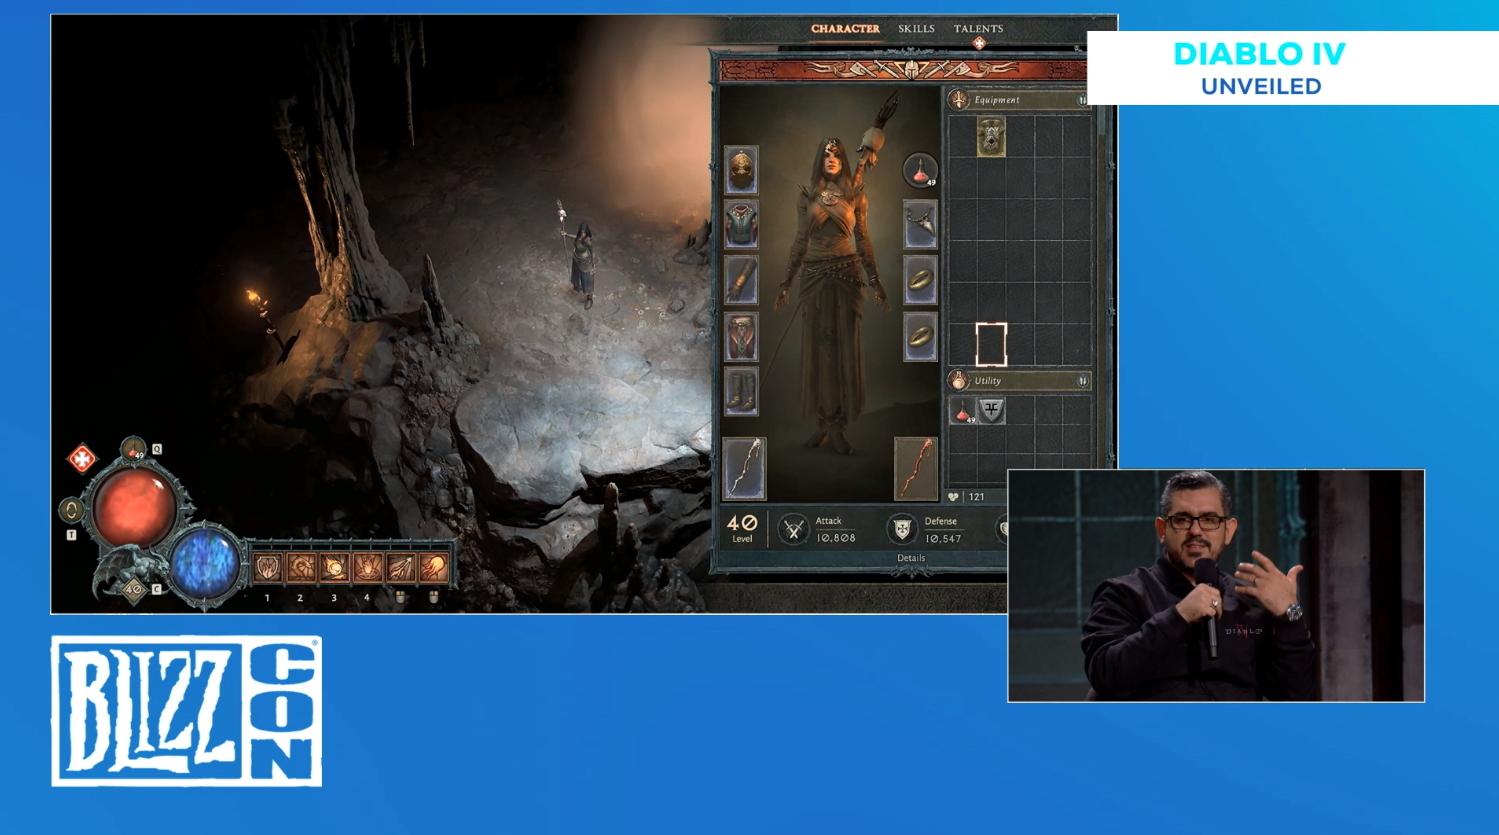 暴雪嘉年华2019:《暗黑4》更多细节曝光 开放世界、天赋树系统